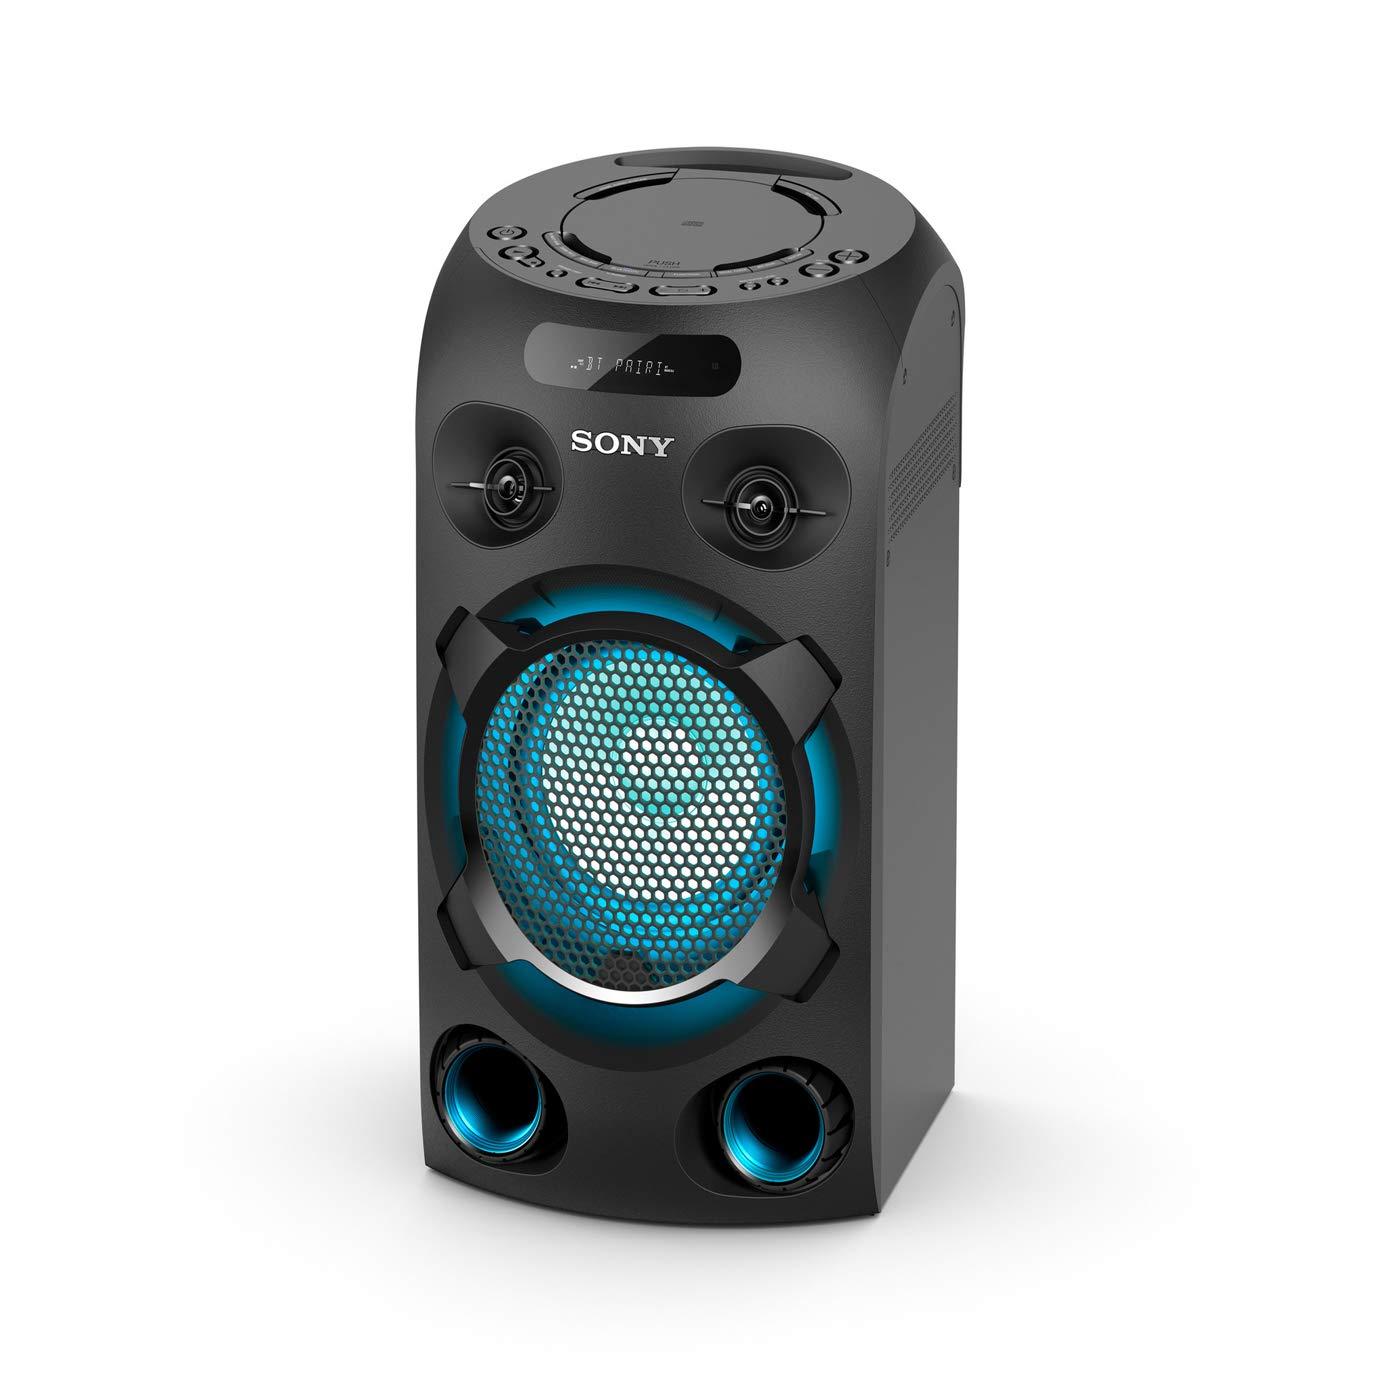 Sony MHC-V02 Torre Nero